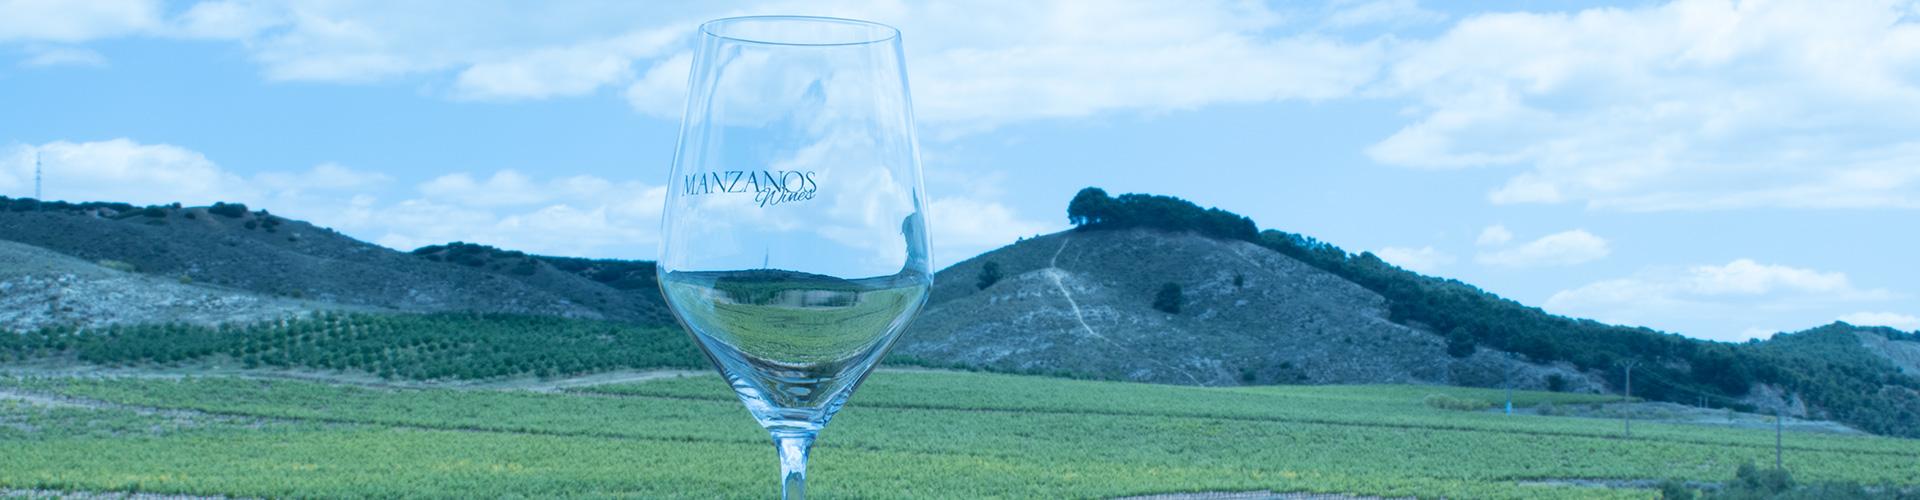 practicas-sostenibles-manzanos-wines-2